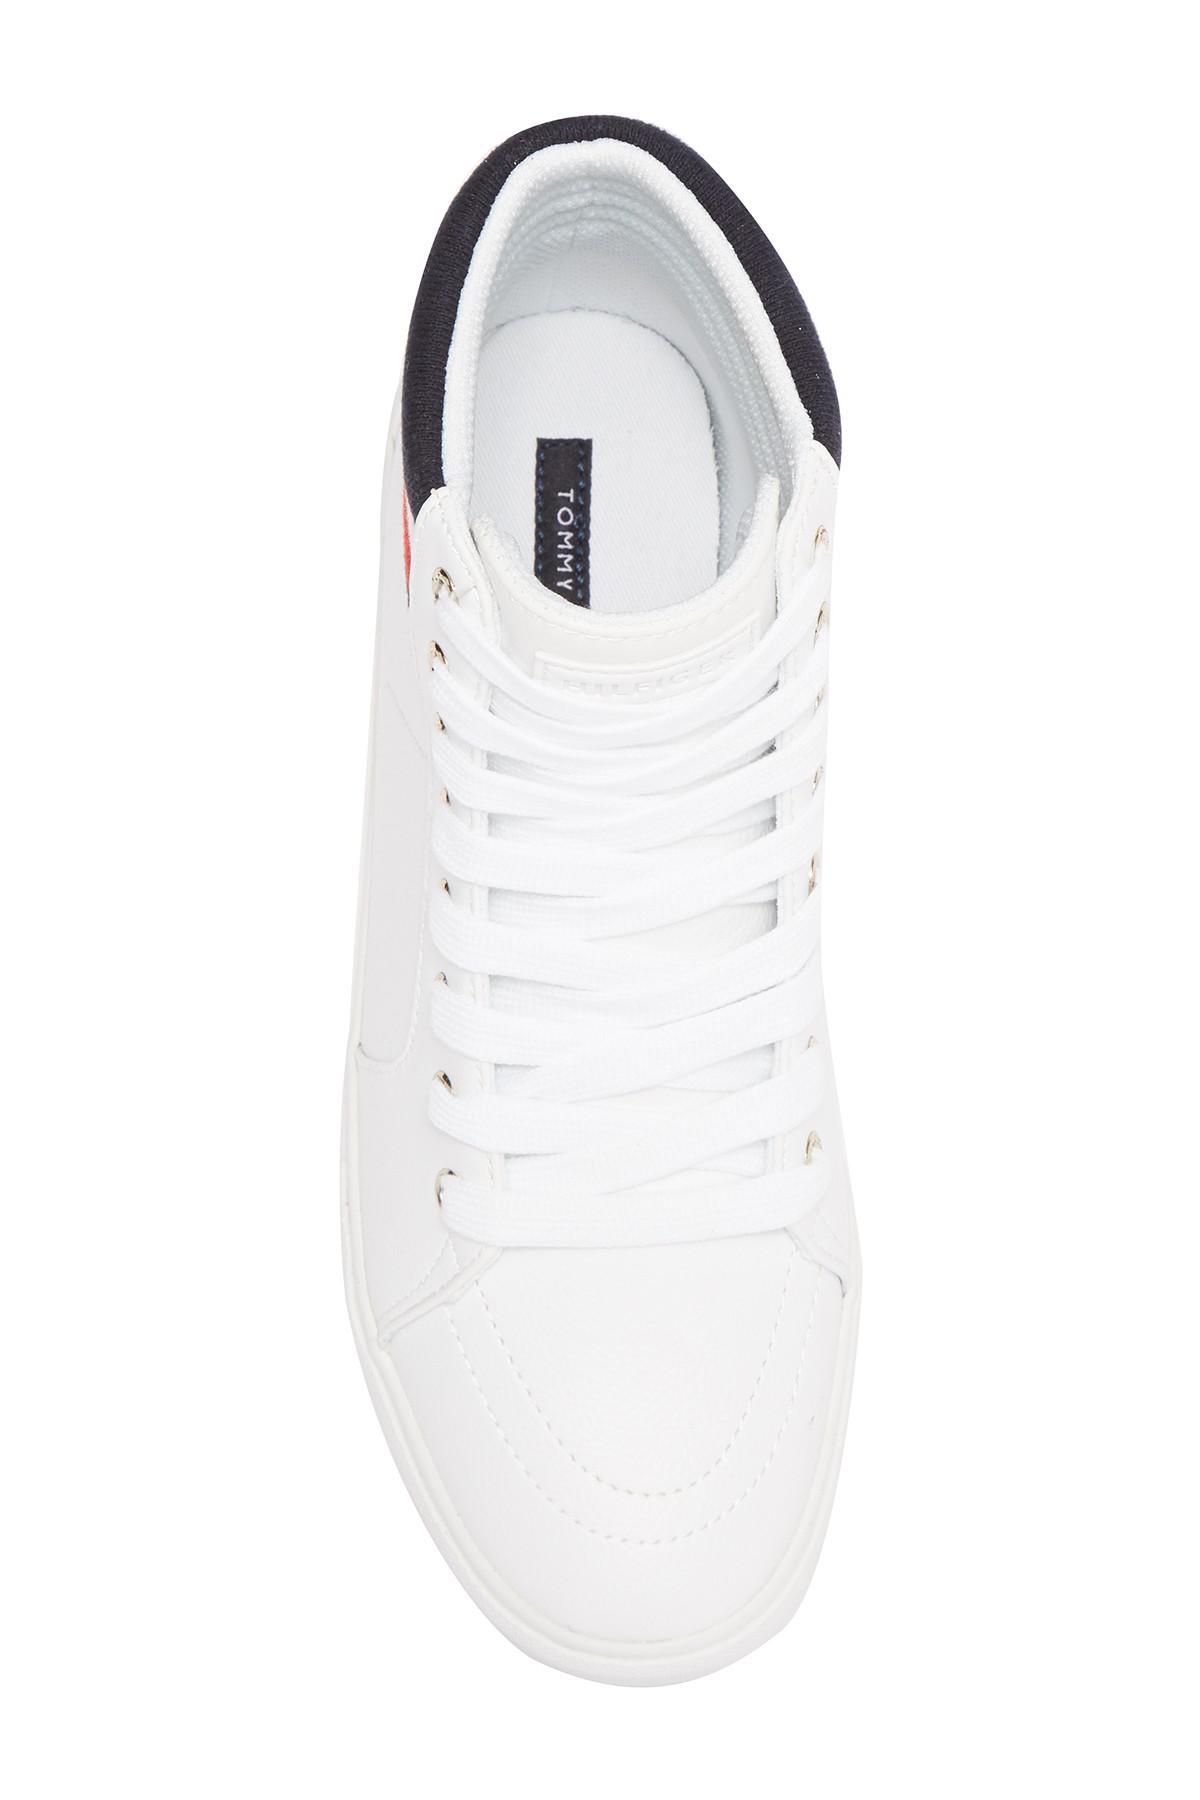 Tommy Hilfiger Lowgen High Top Sneaker